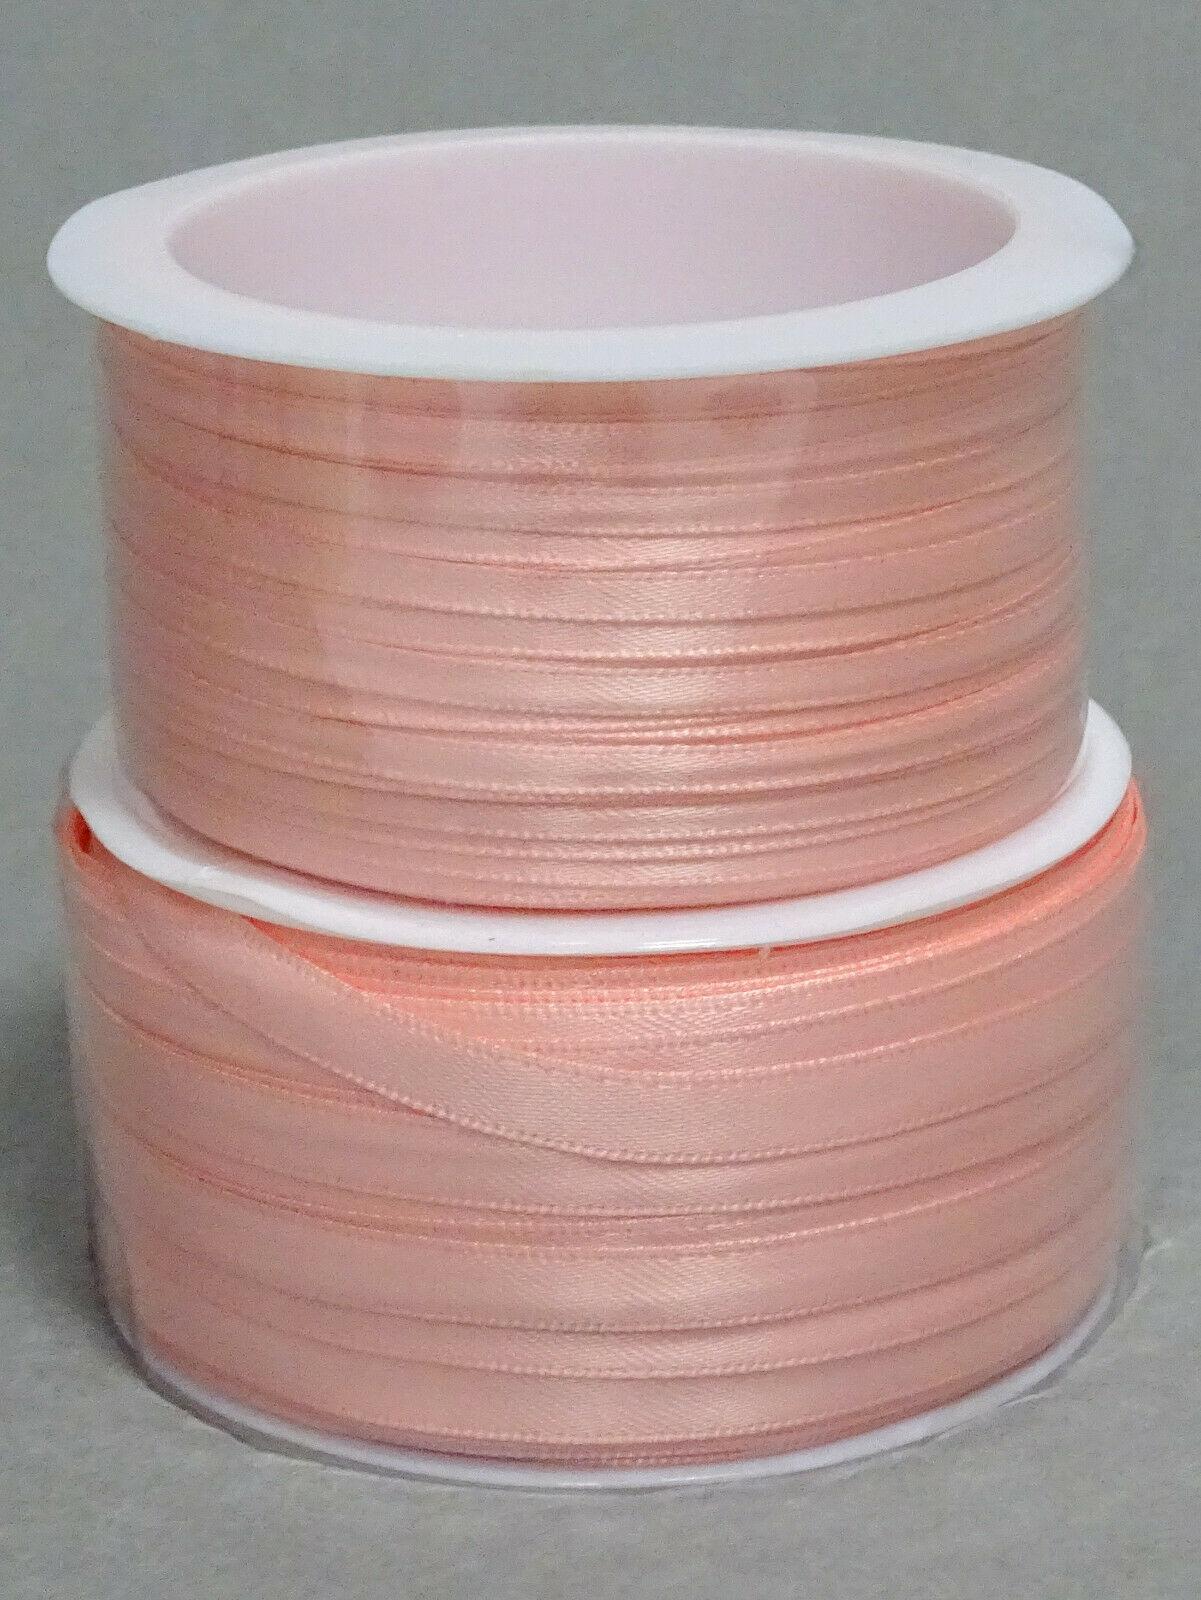 Satinband Schleifenband 50m x 3mm / 6mm Dekoband ab 0,05 €/m Geschenkband Rolle - Mellow Rose 216, 3 mm x 50 m